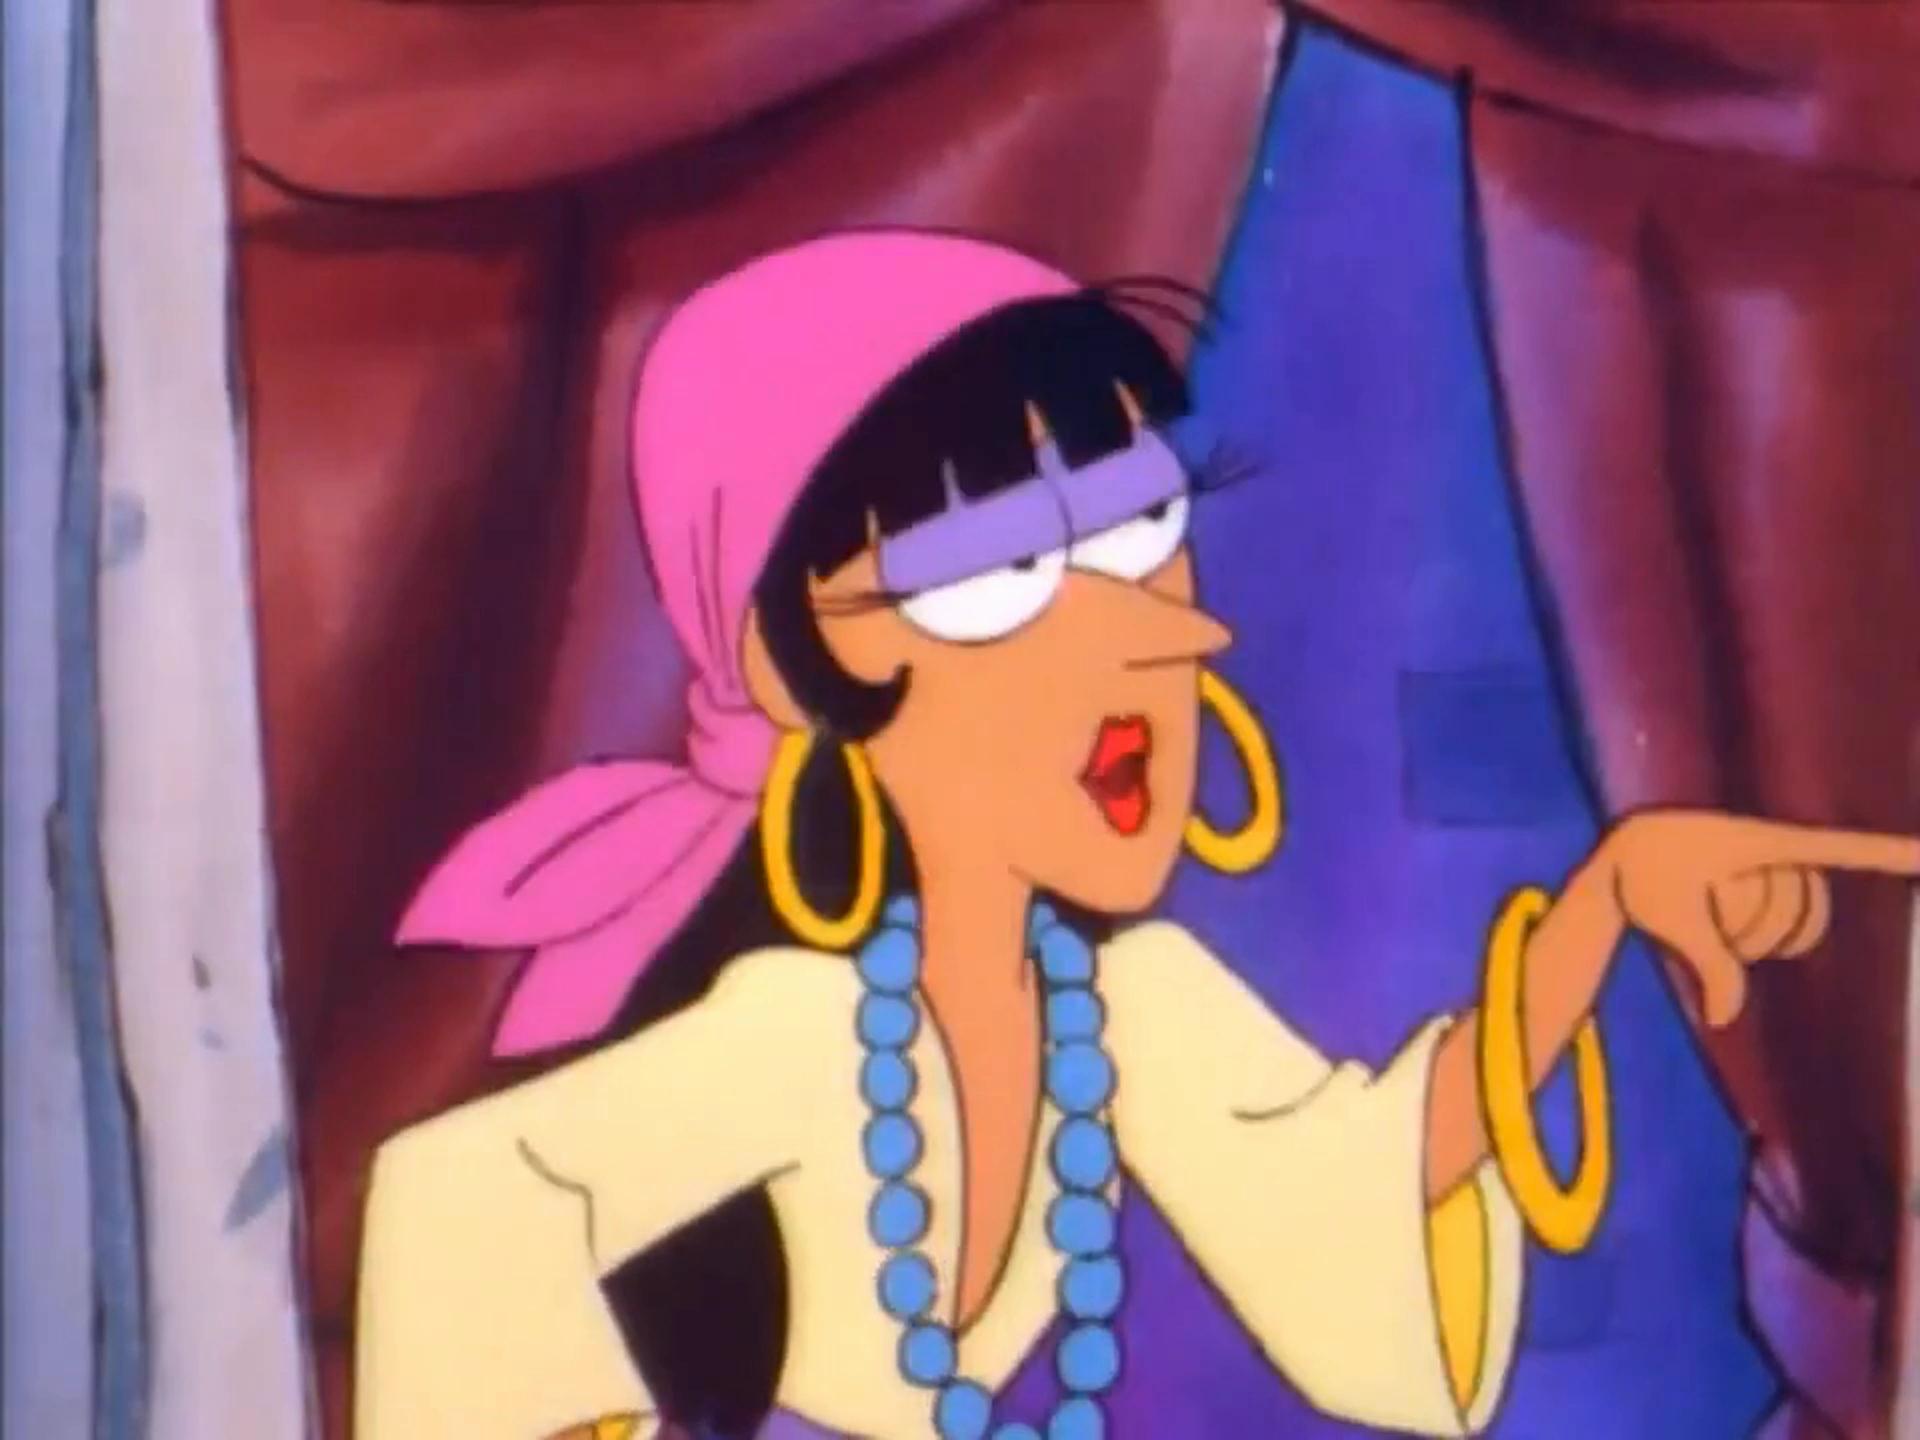 Madame LaFong